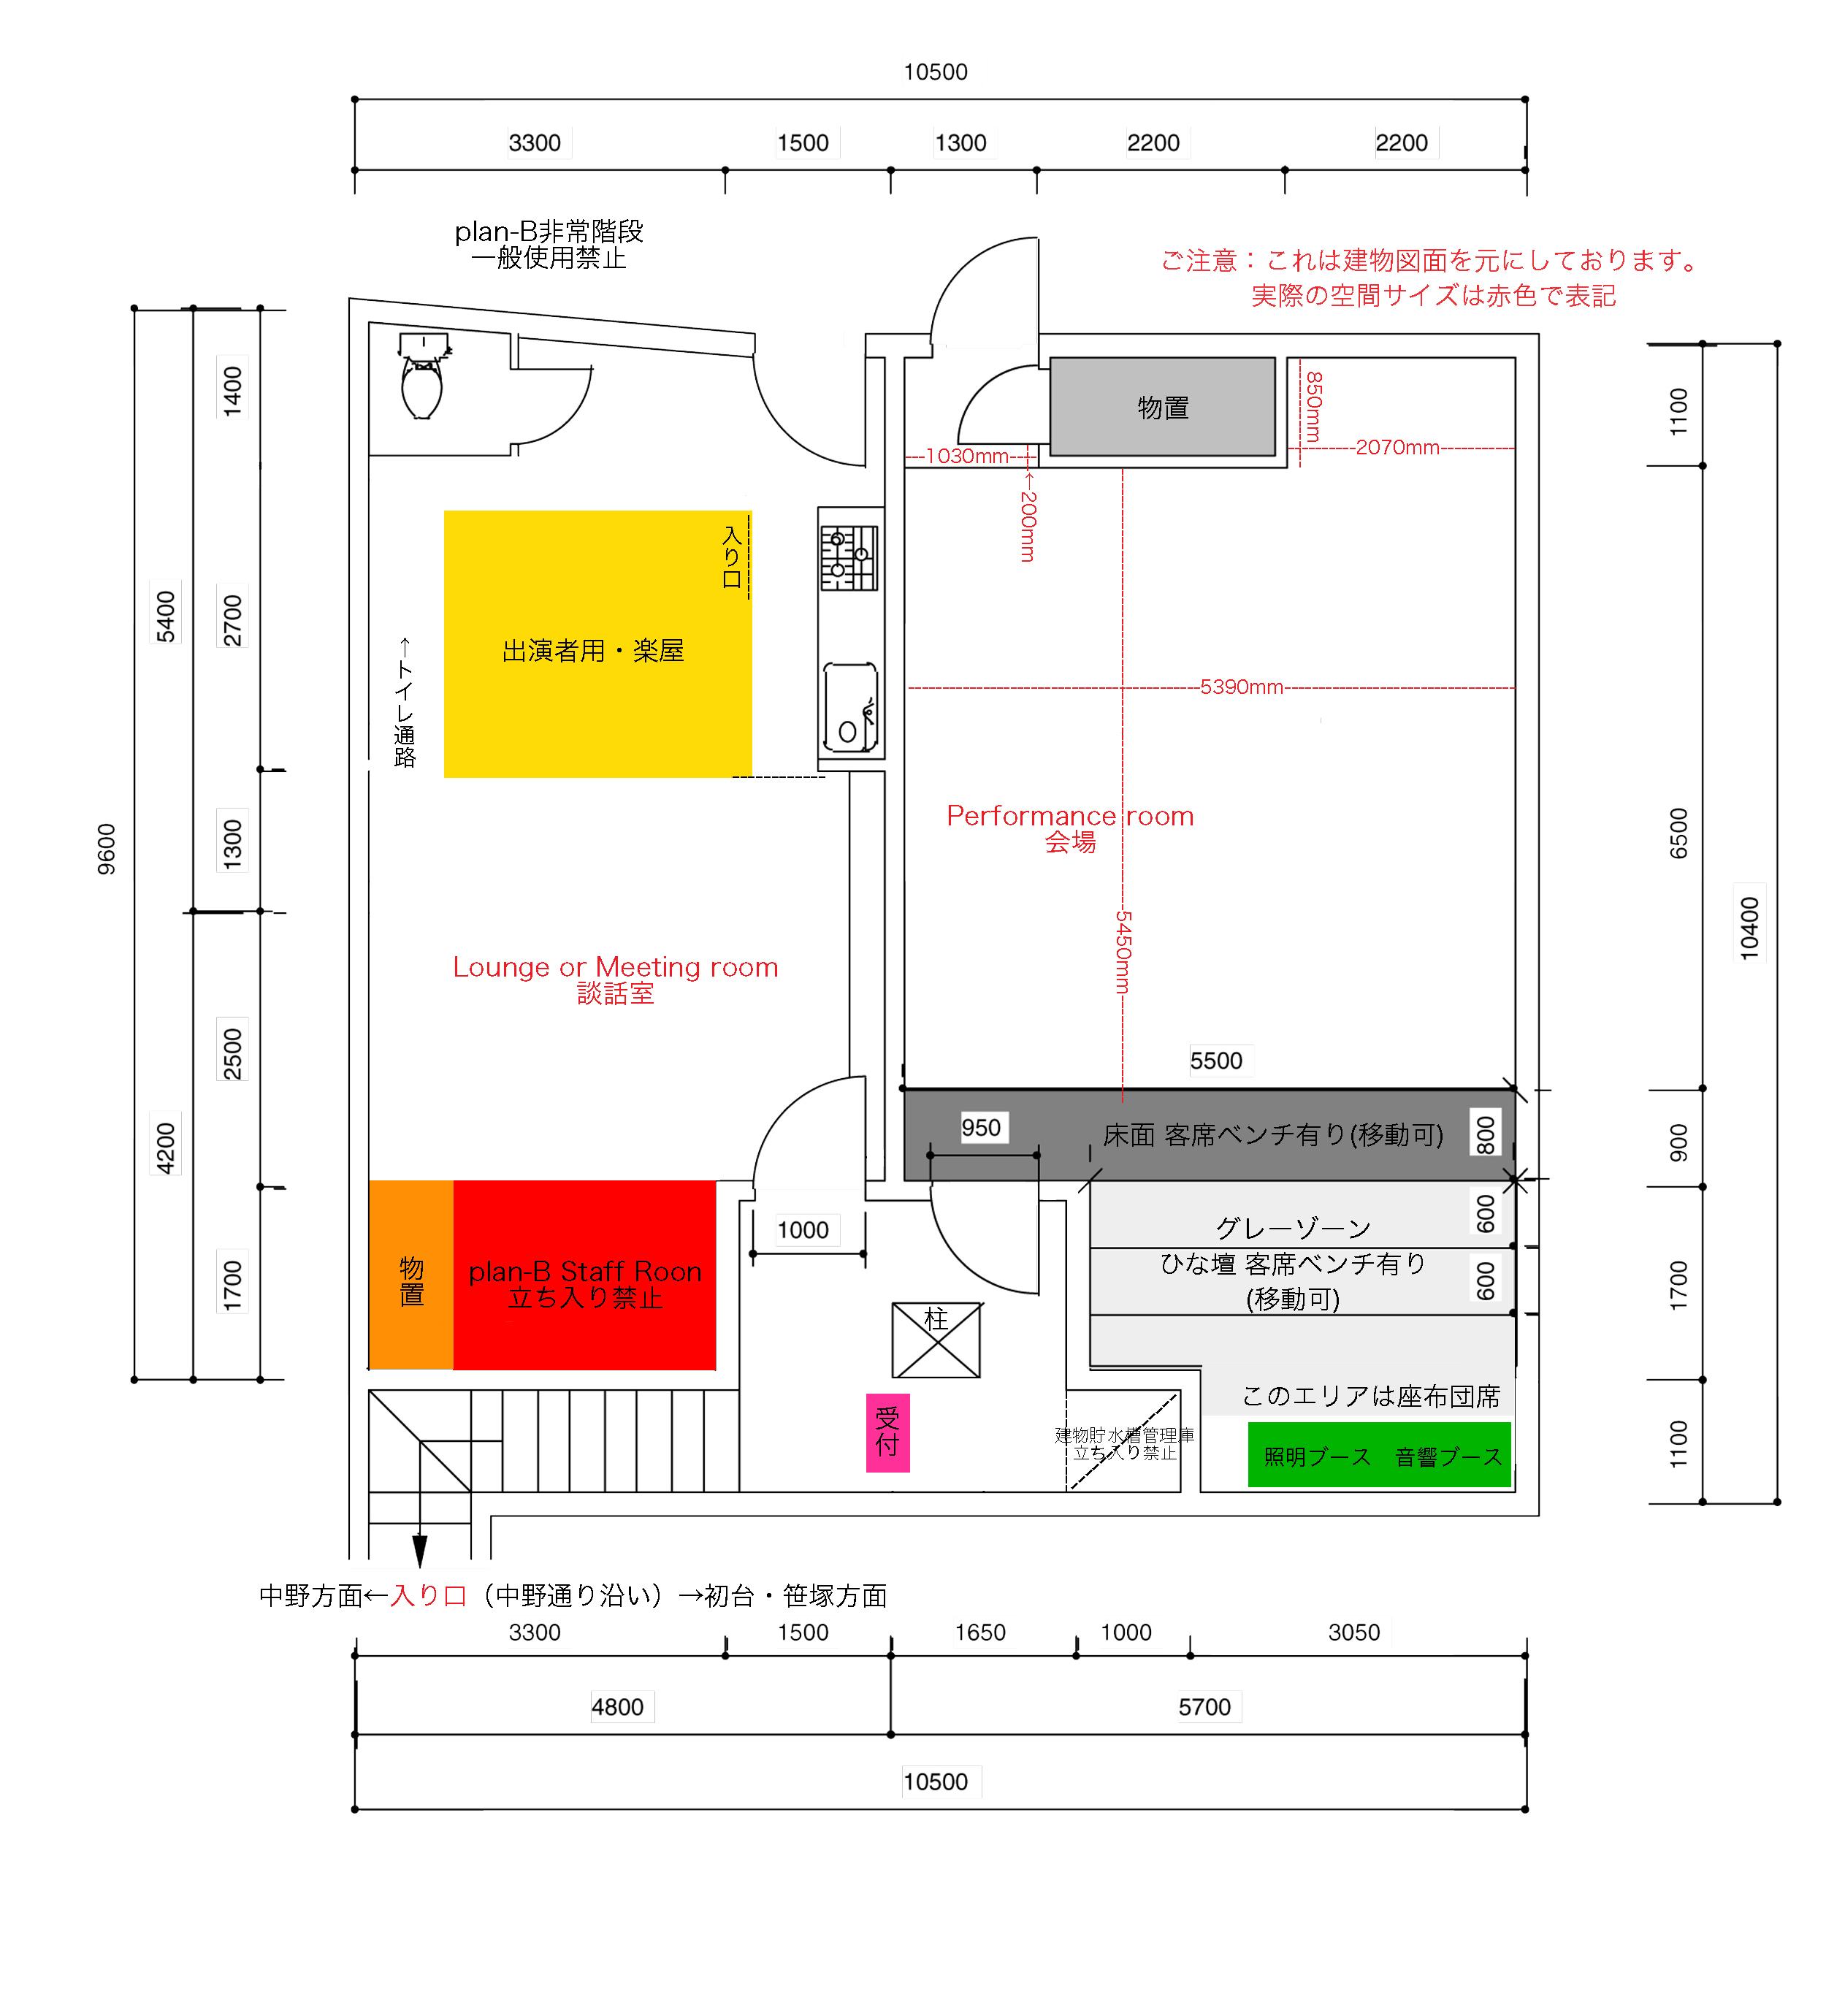 plan-Bzumen2500pixel